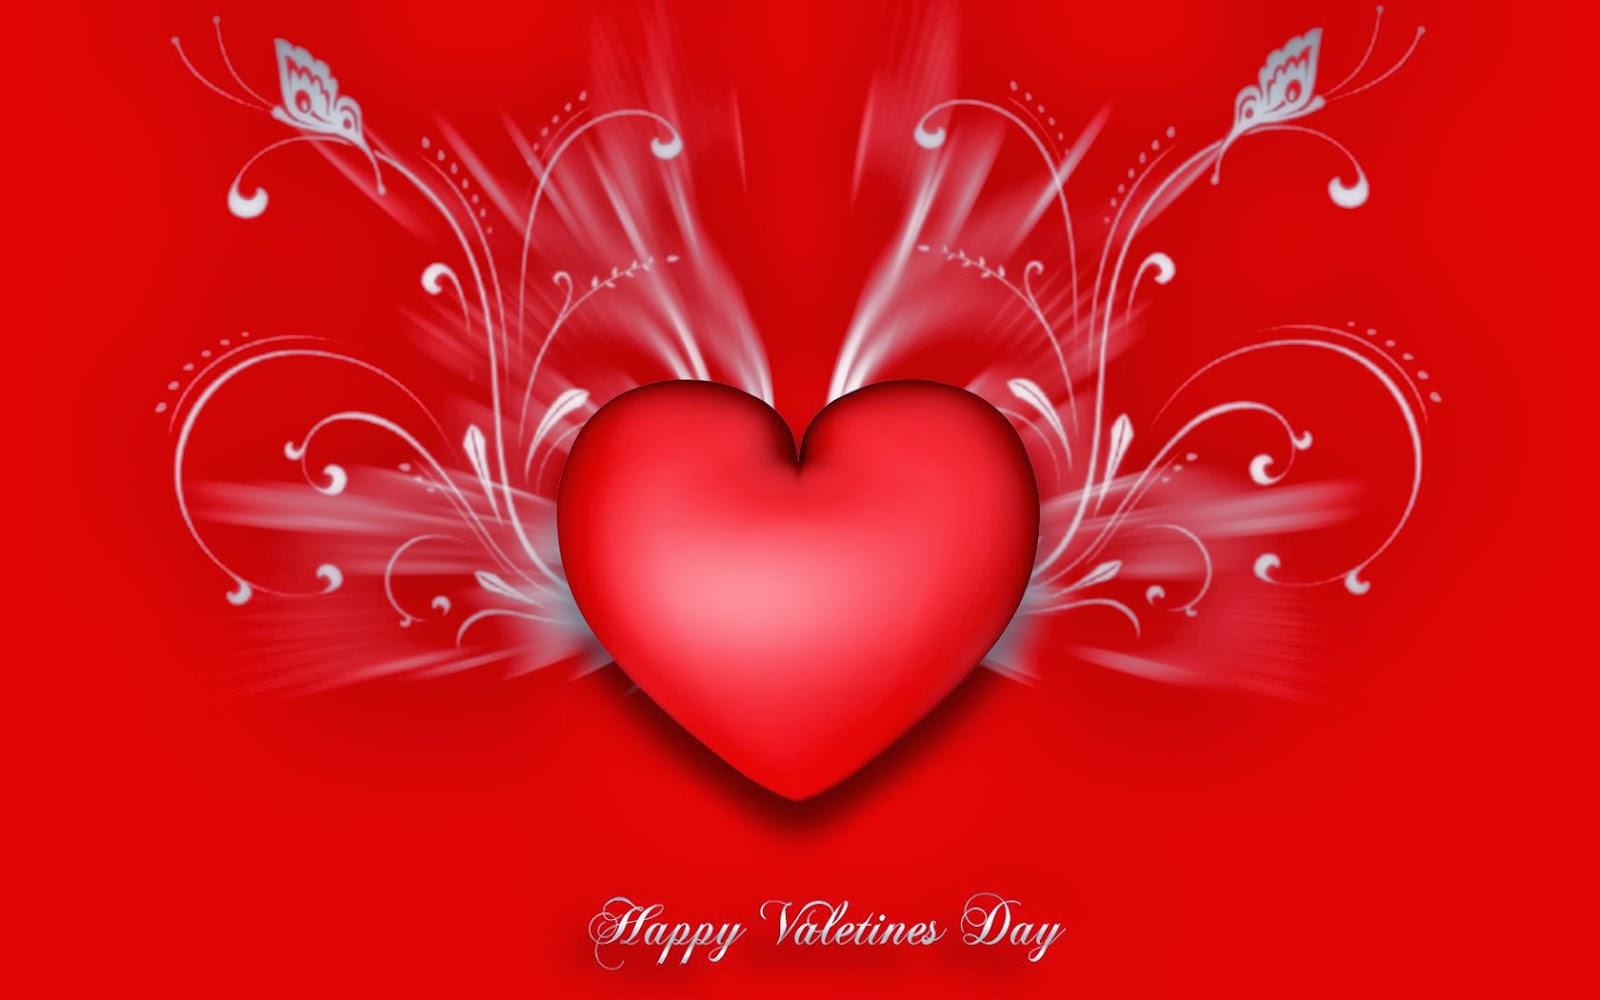 Http Valentinesdaycards2014 Blogspot Com 2014 01 Valentines Day Cards 2014 Html